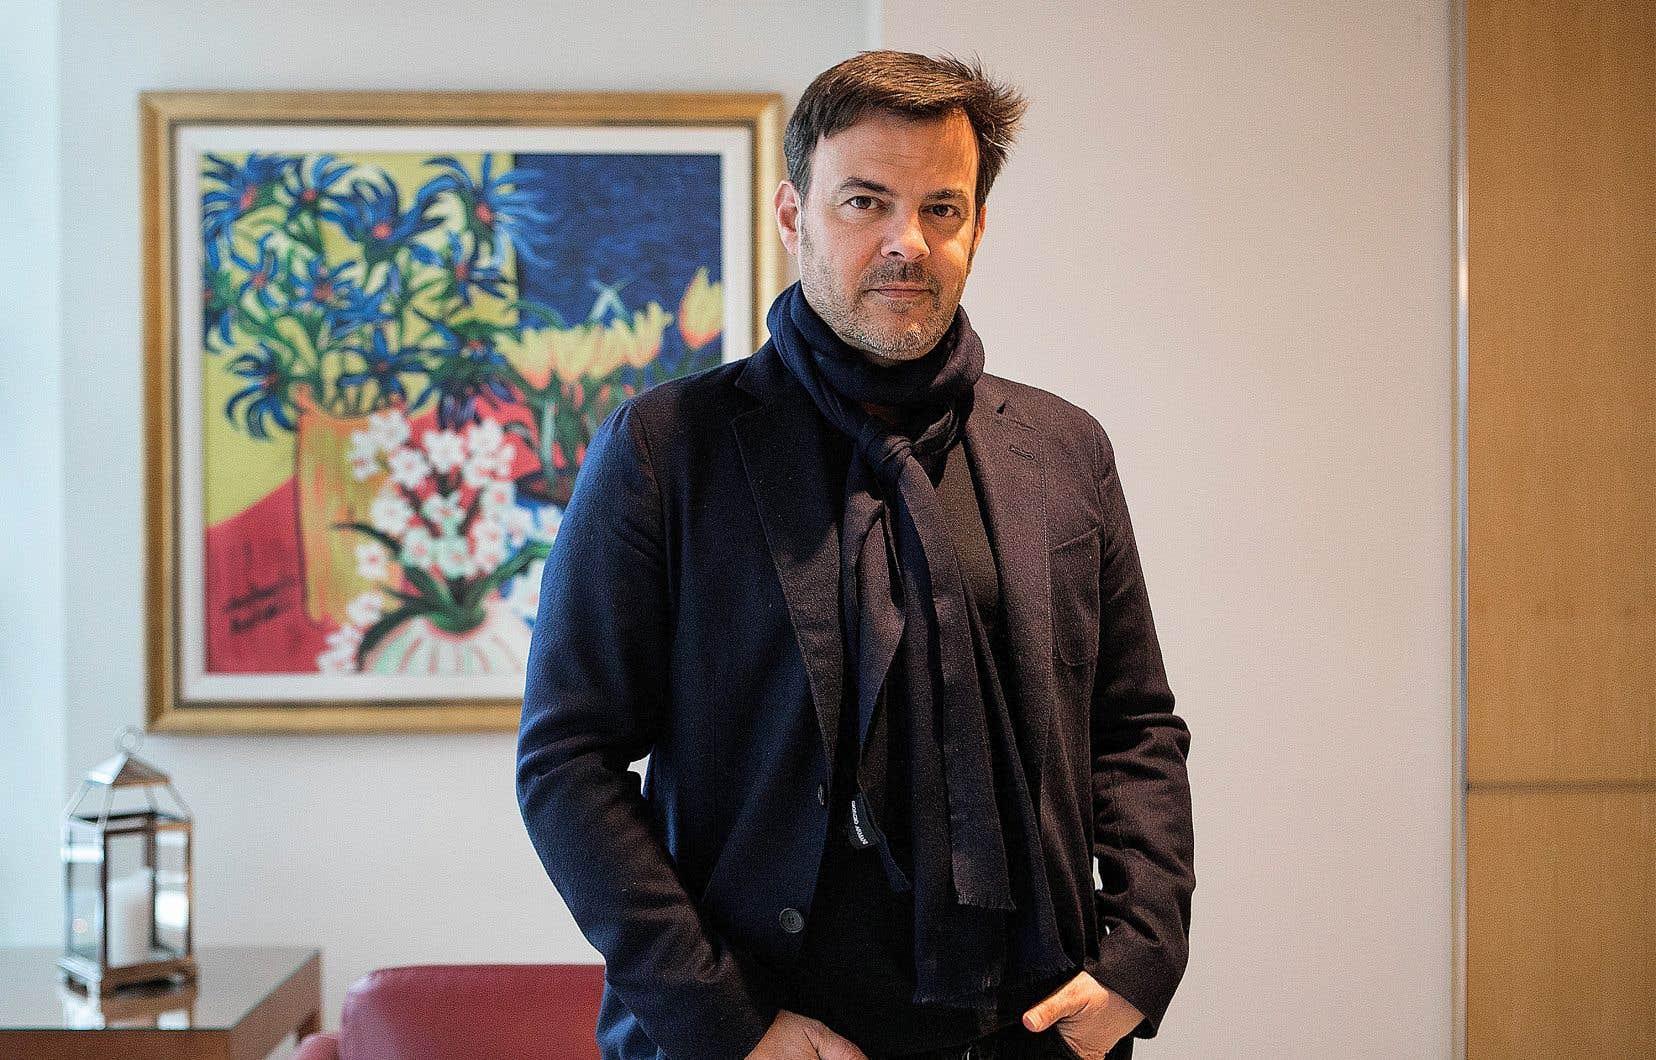 Le cinéaste François Ozon dit n'avoir pu profiter autant qu'il l'aurait souhaité du prix que son film a remporté à Berlin, emporté lui-même dans une tourmente judiciaire.